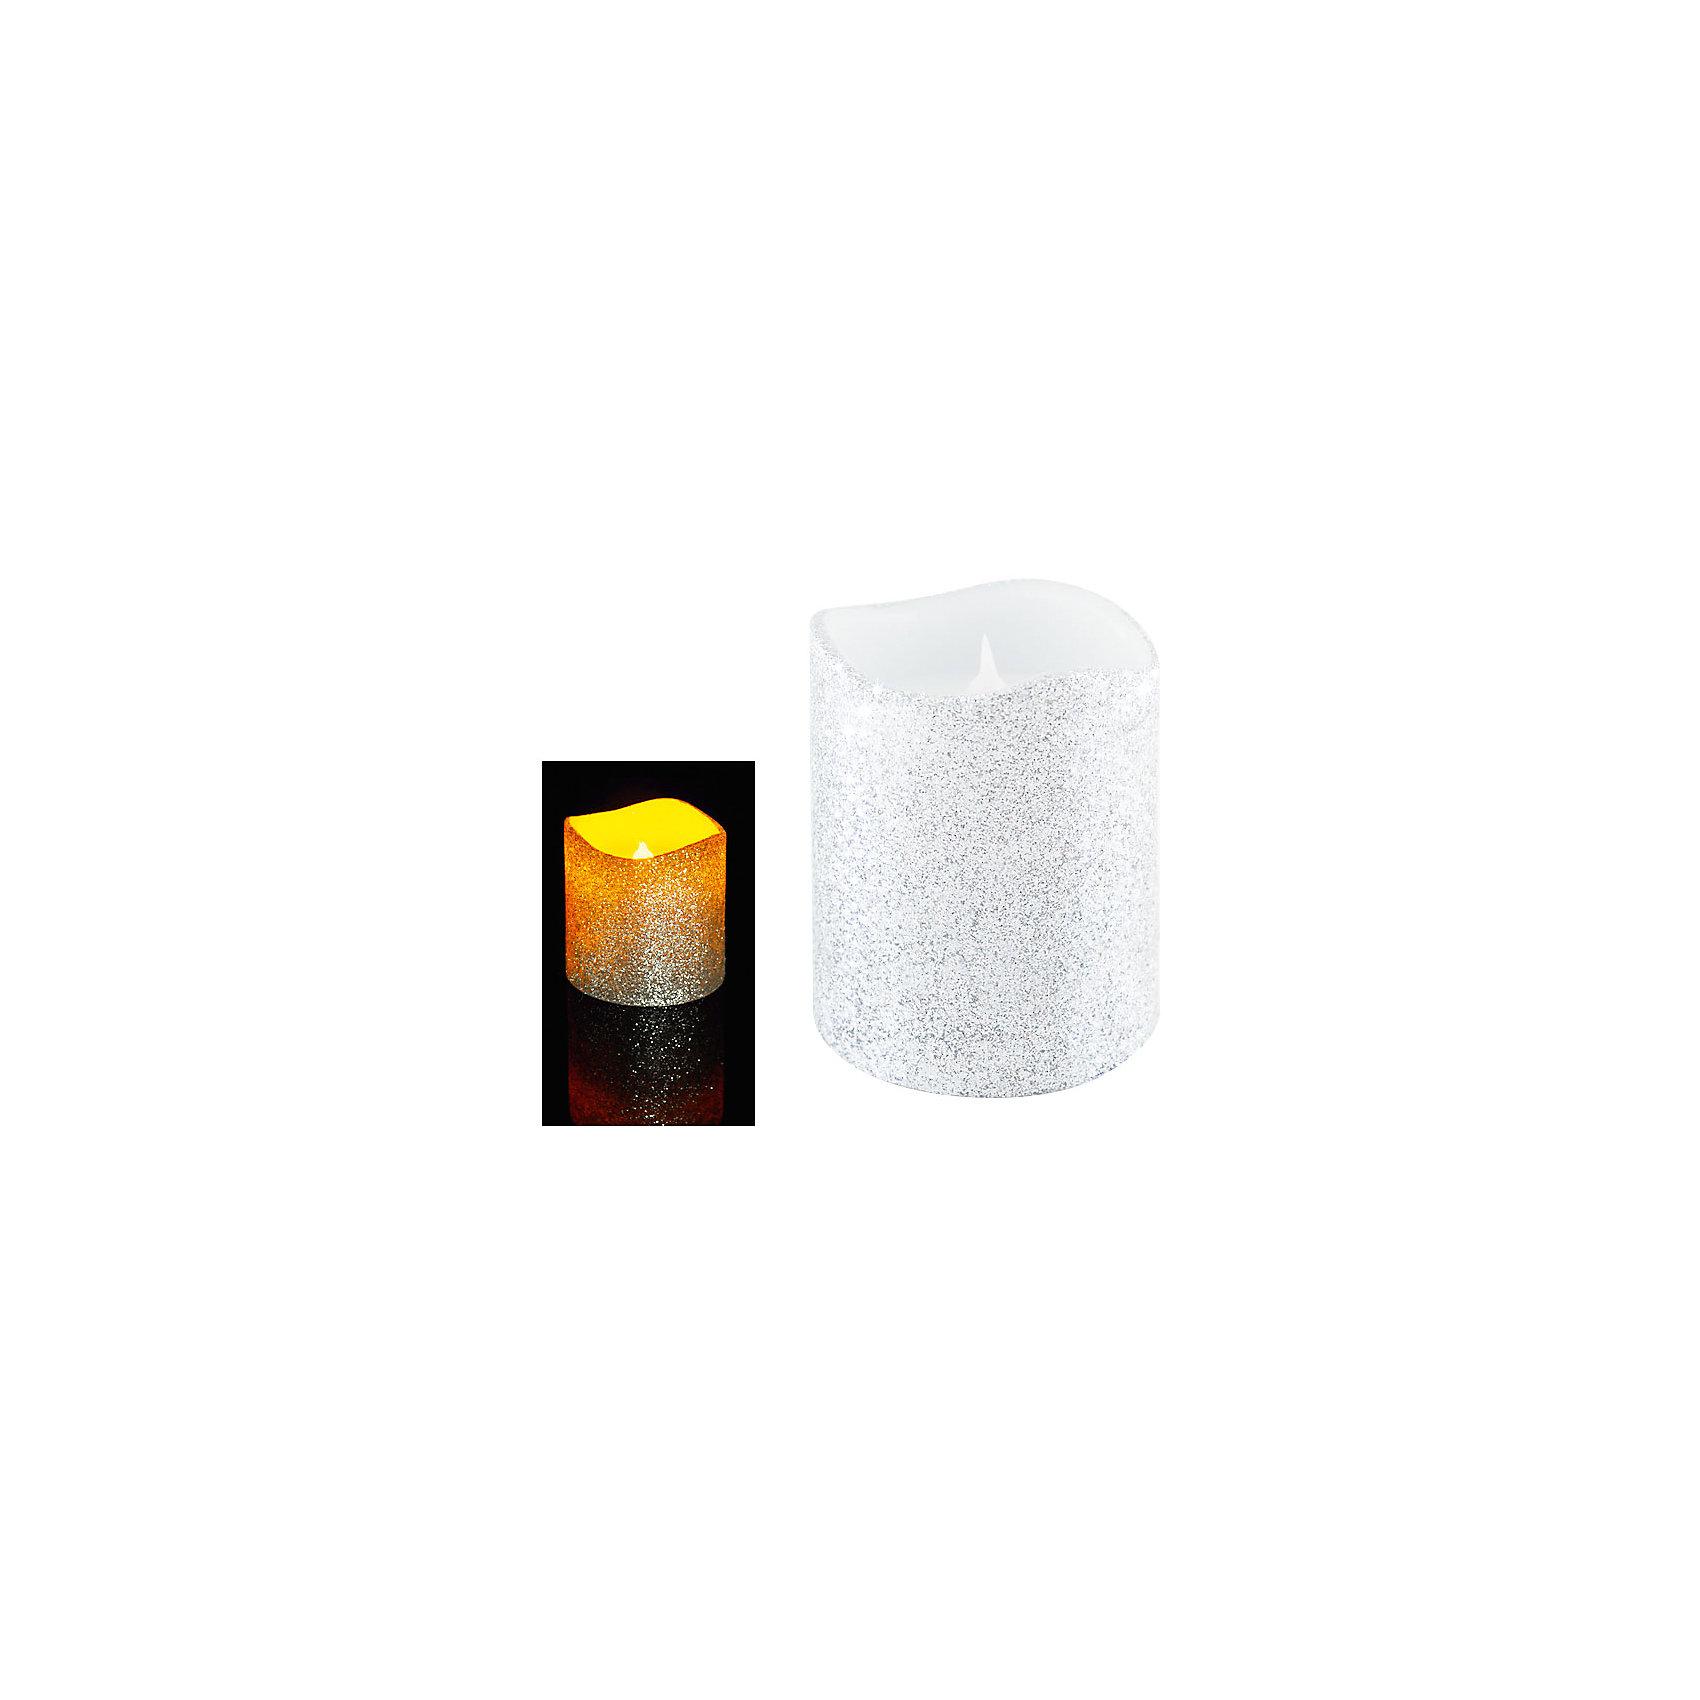 Светодиодная свеча, серебрянная с блесткамиСветодиодная свеча, 10х7,5 см, СЕРЕБРЯНЫЙ цвет с блёстками<br><br>Ширина мм: 8<br>Глубина мм: 20<br>Высота мм: 5<br>Вес г: 300<br>Возраст от месяцев: 72<br>Возраст до месяцев: 540<br>Пол: Унисекс<br>Возраст: Детский<br>SKU: 5159011